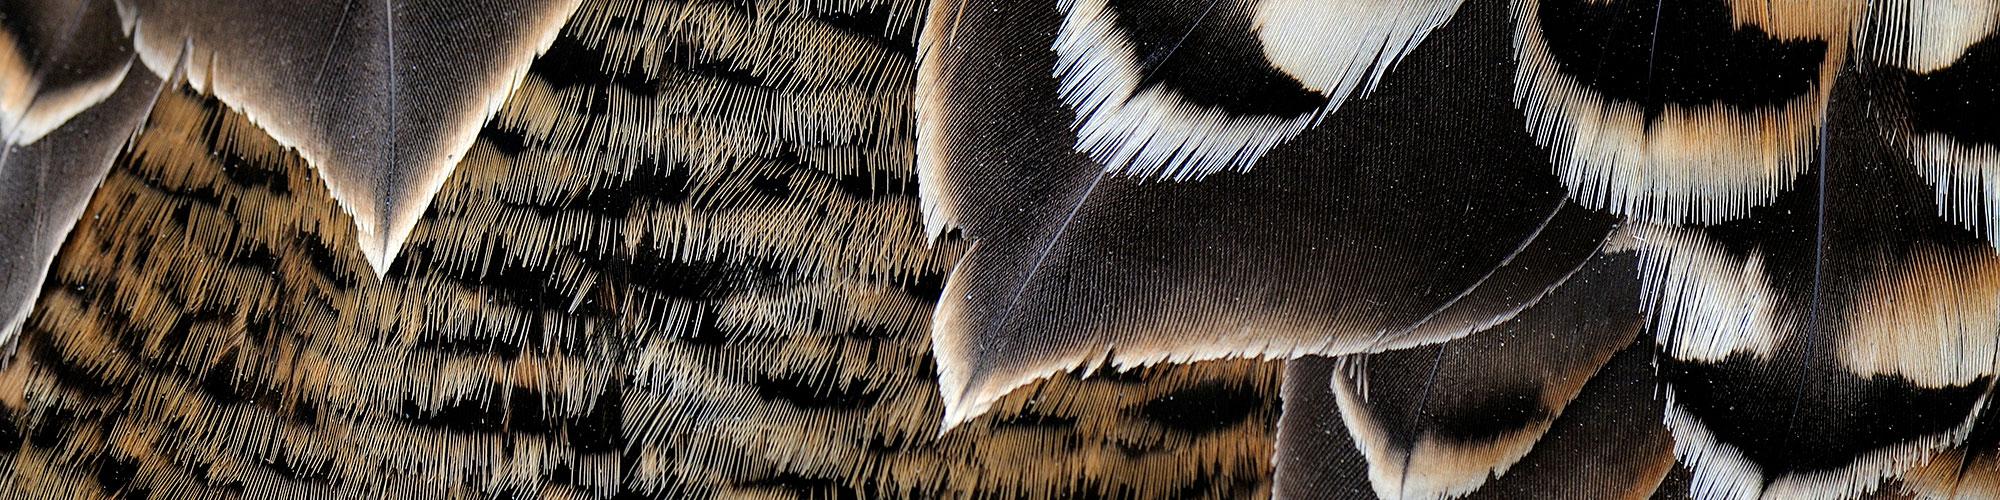 ©Jan Vermeer - Spitsbergen - Noorwegen